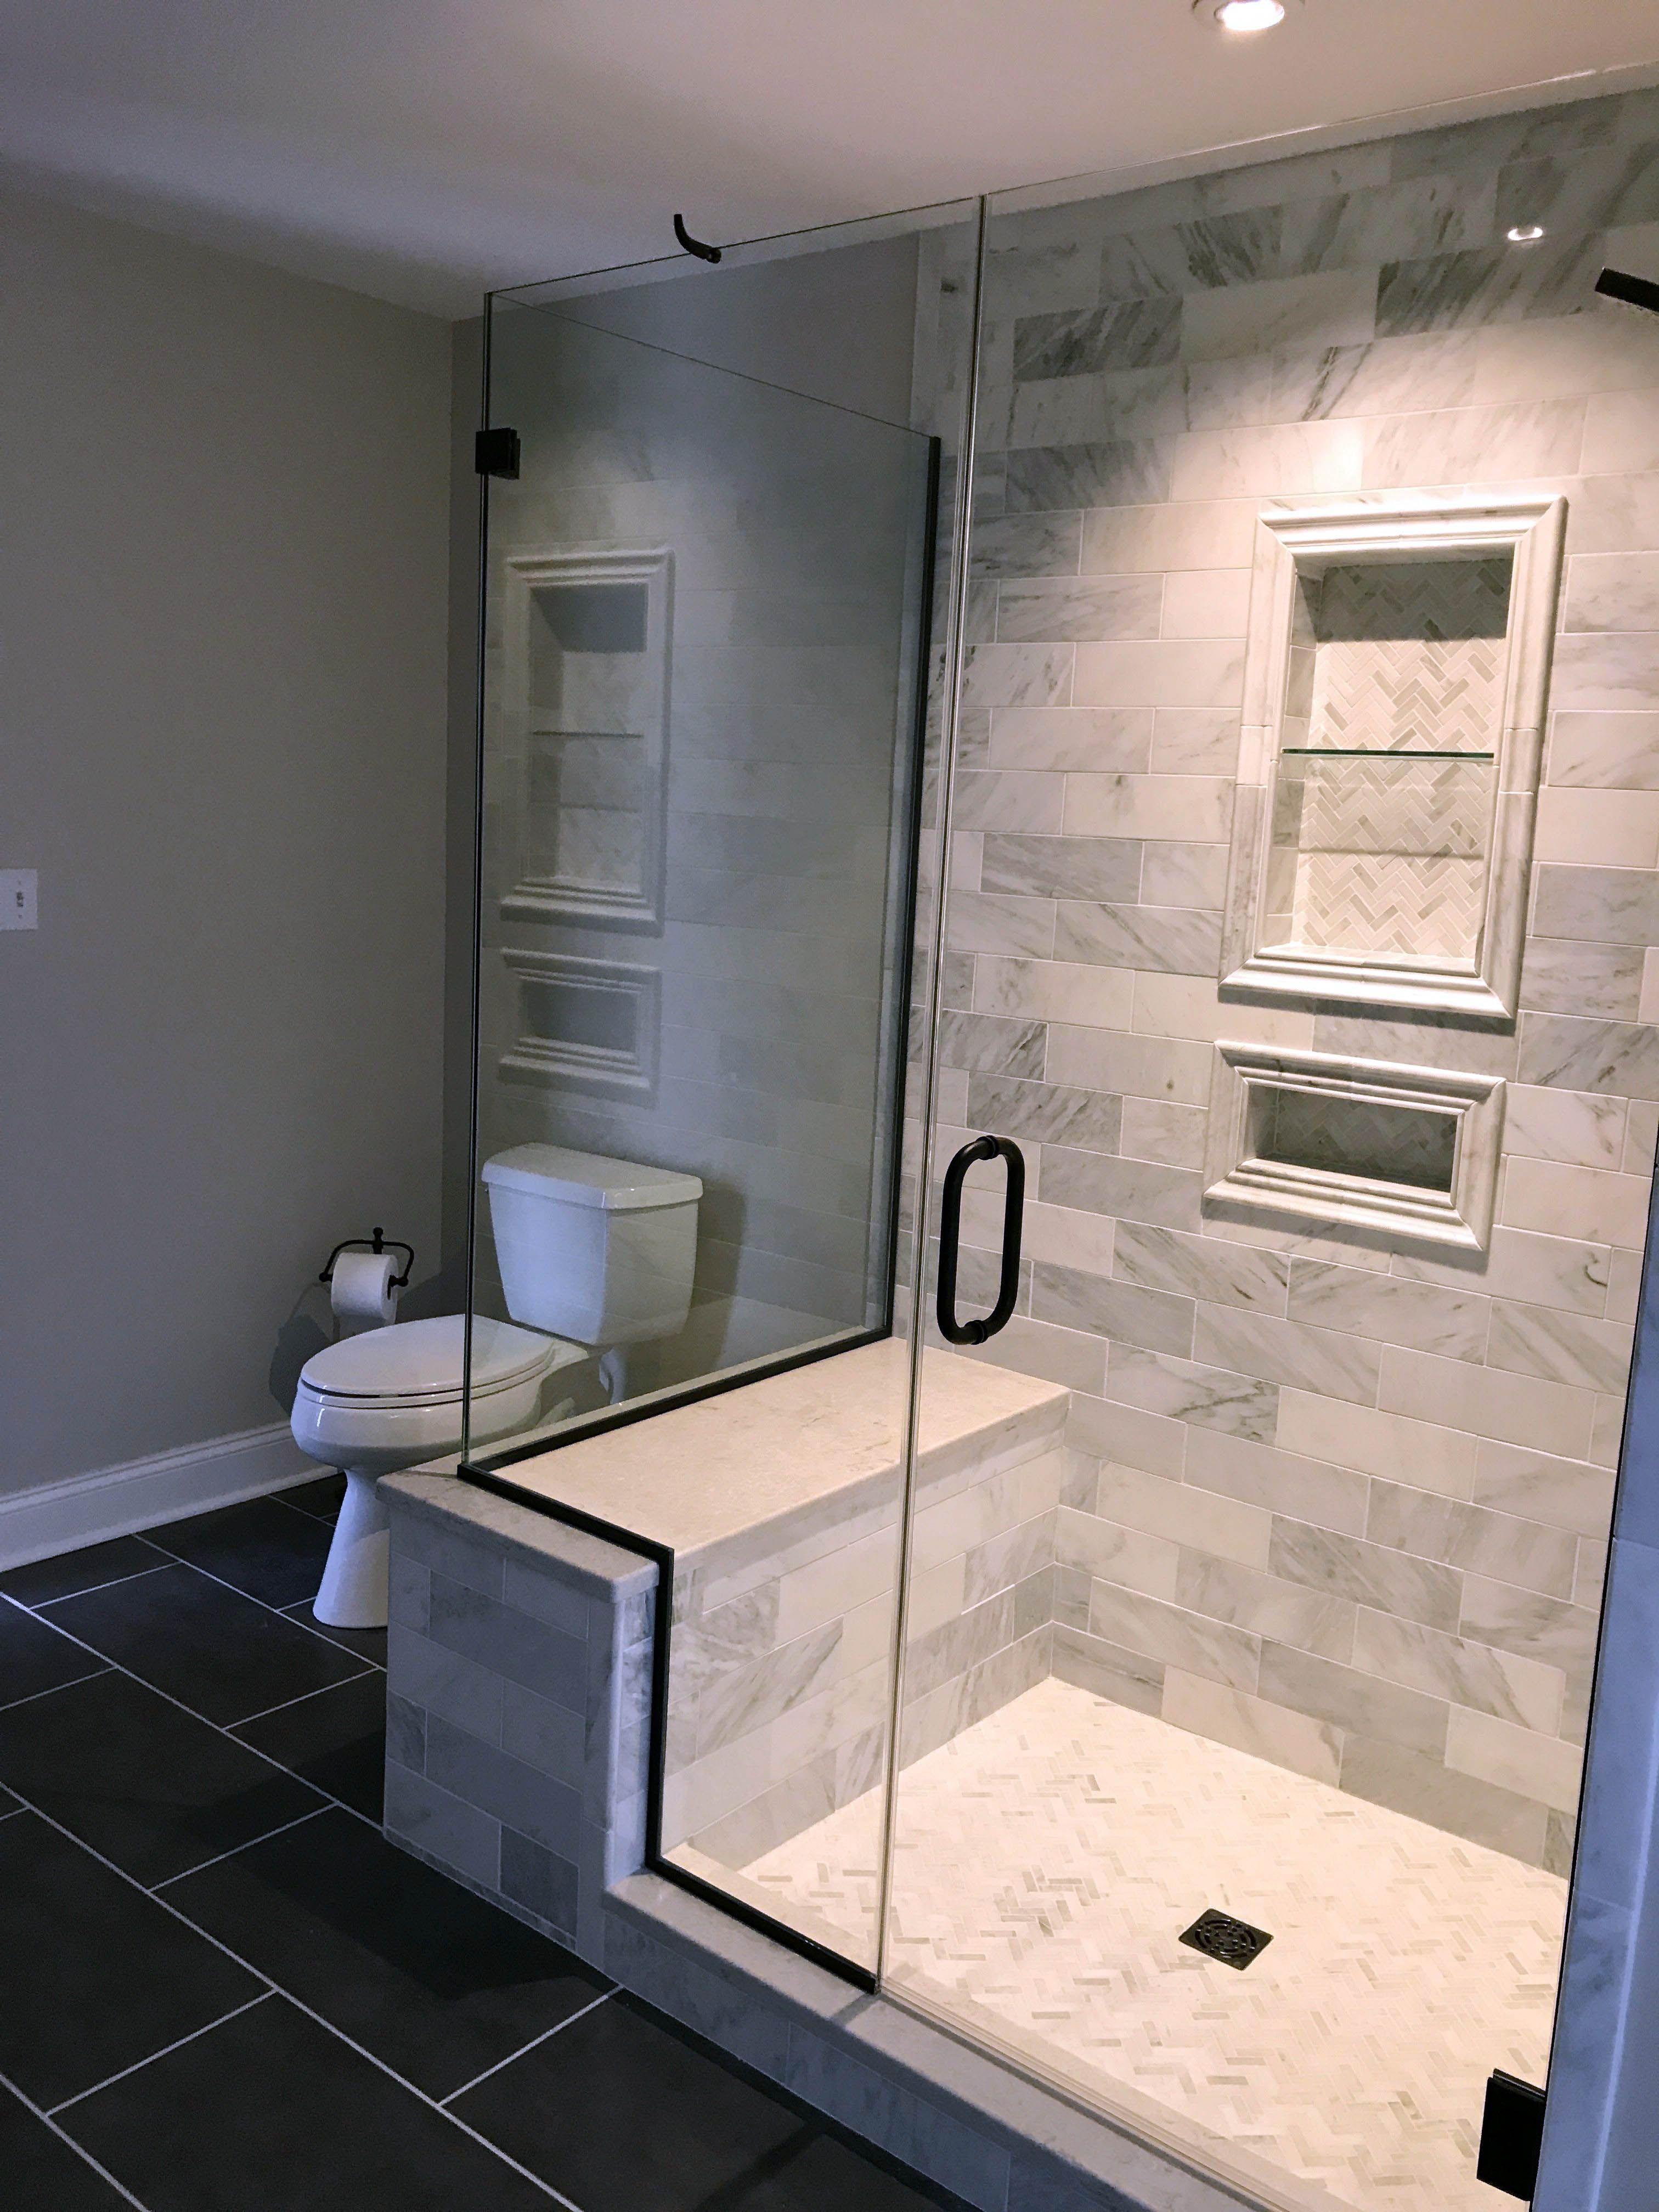 15 Of Our Favorite Shower Tile Ideas Bathroom Remodel Shower